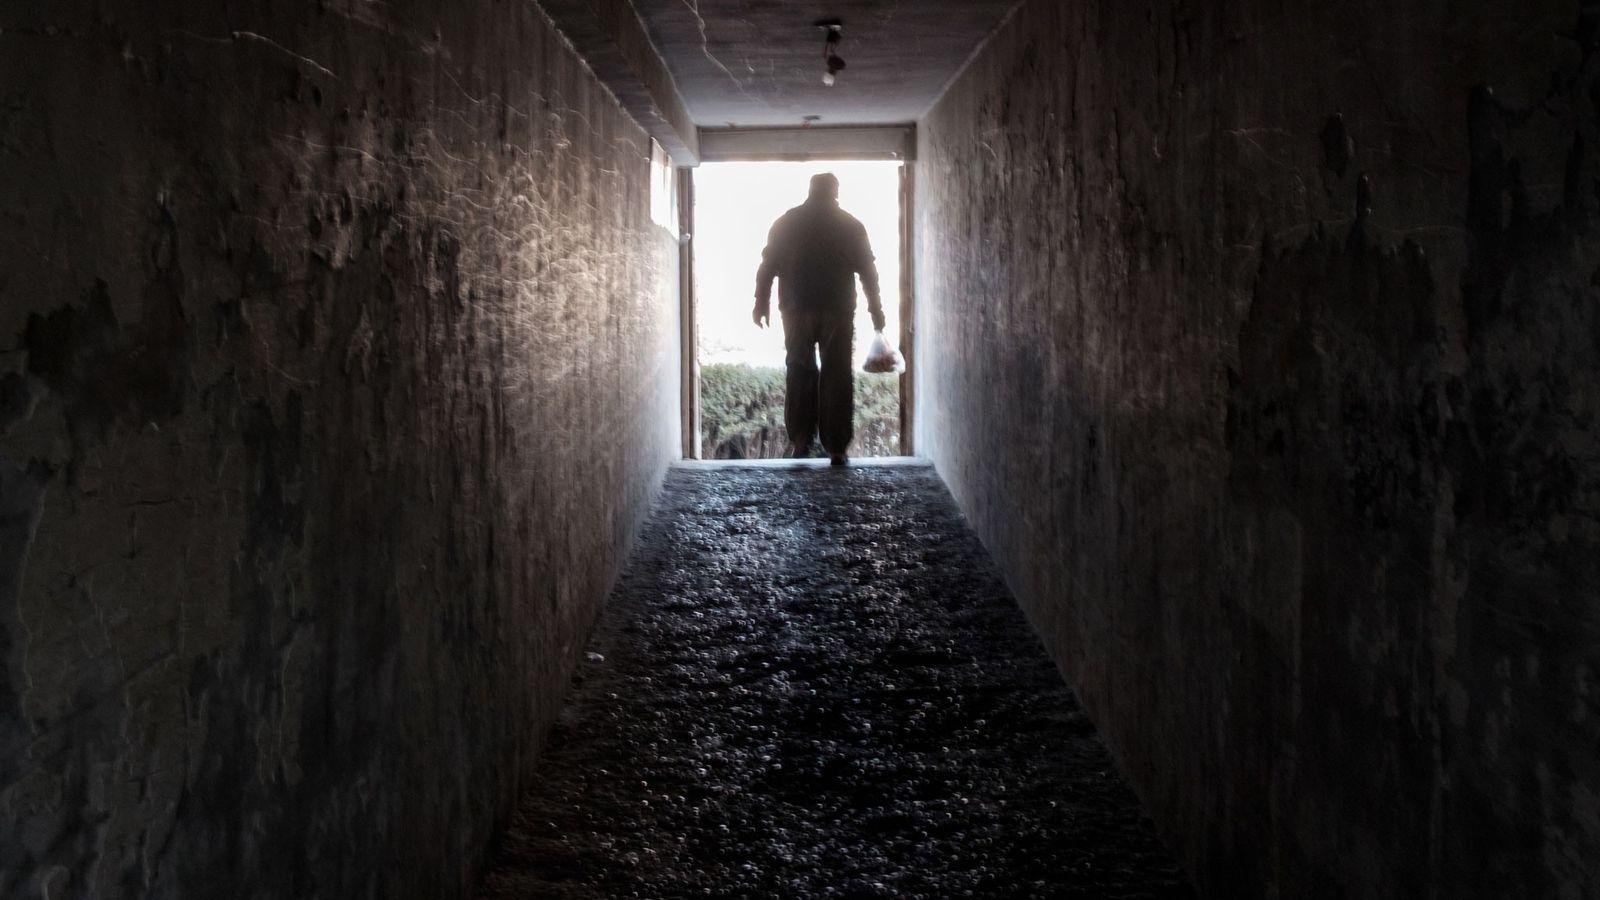 Um homem sai de um abrigo nuclear.